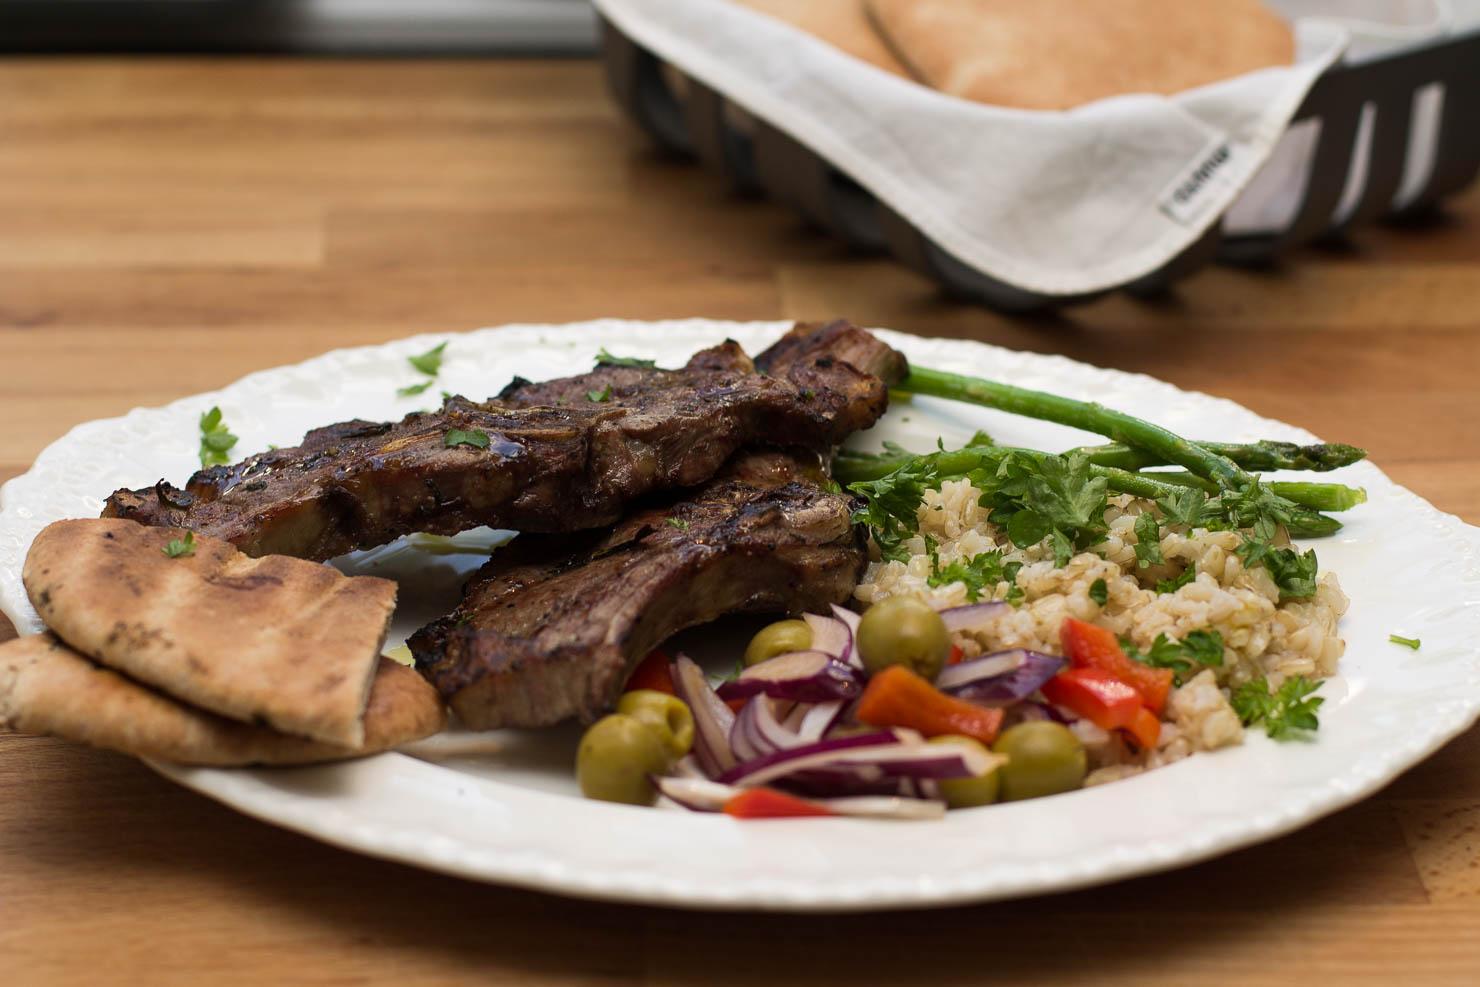 Grillede lammekoteletter med fullkornsris og frisk salat